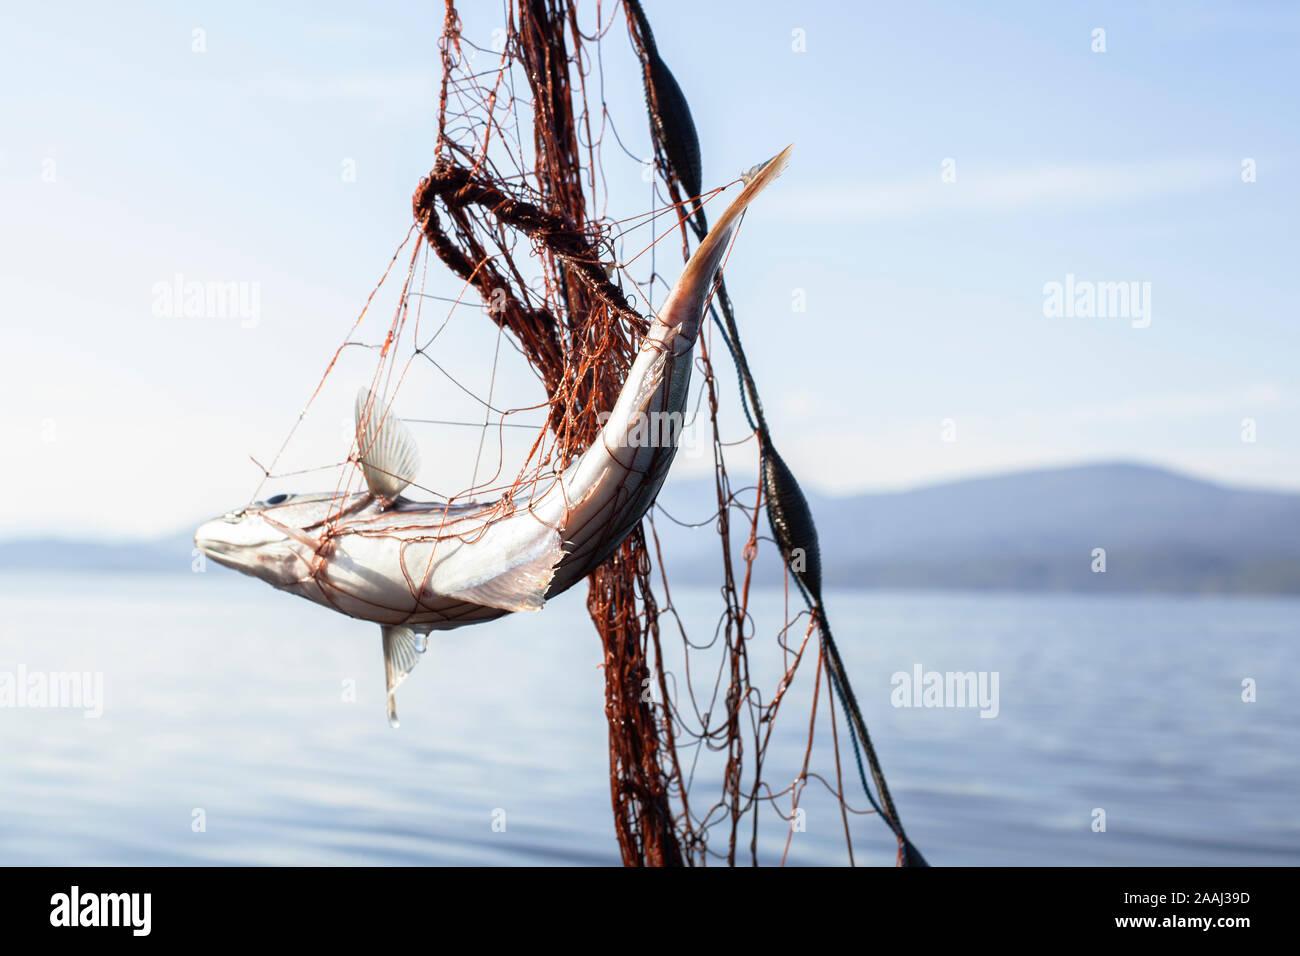 Peces enredados en redes de pesca Foto de stock